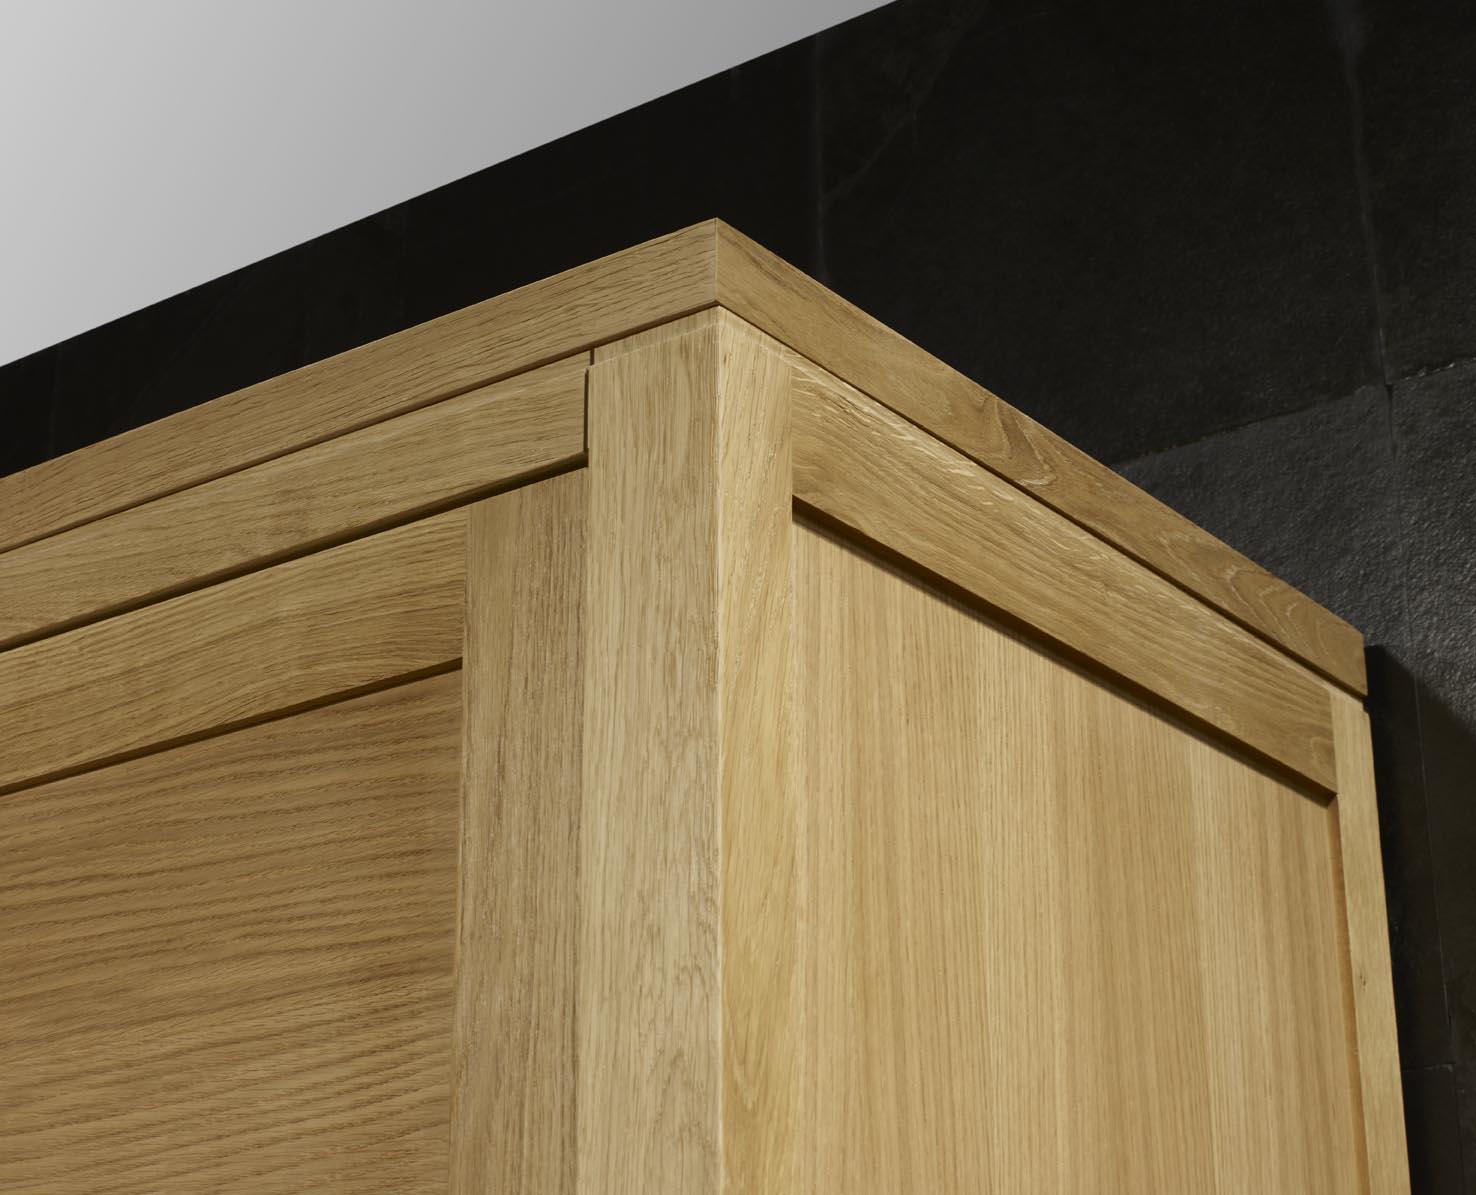 Armario 2 puertas correderas julio hecha en madera de for Puerta de roble macizo castorama